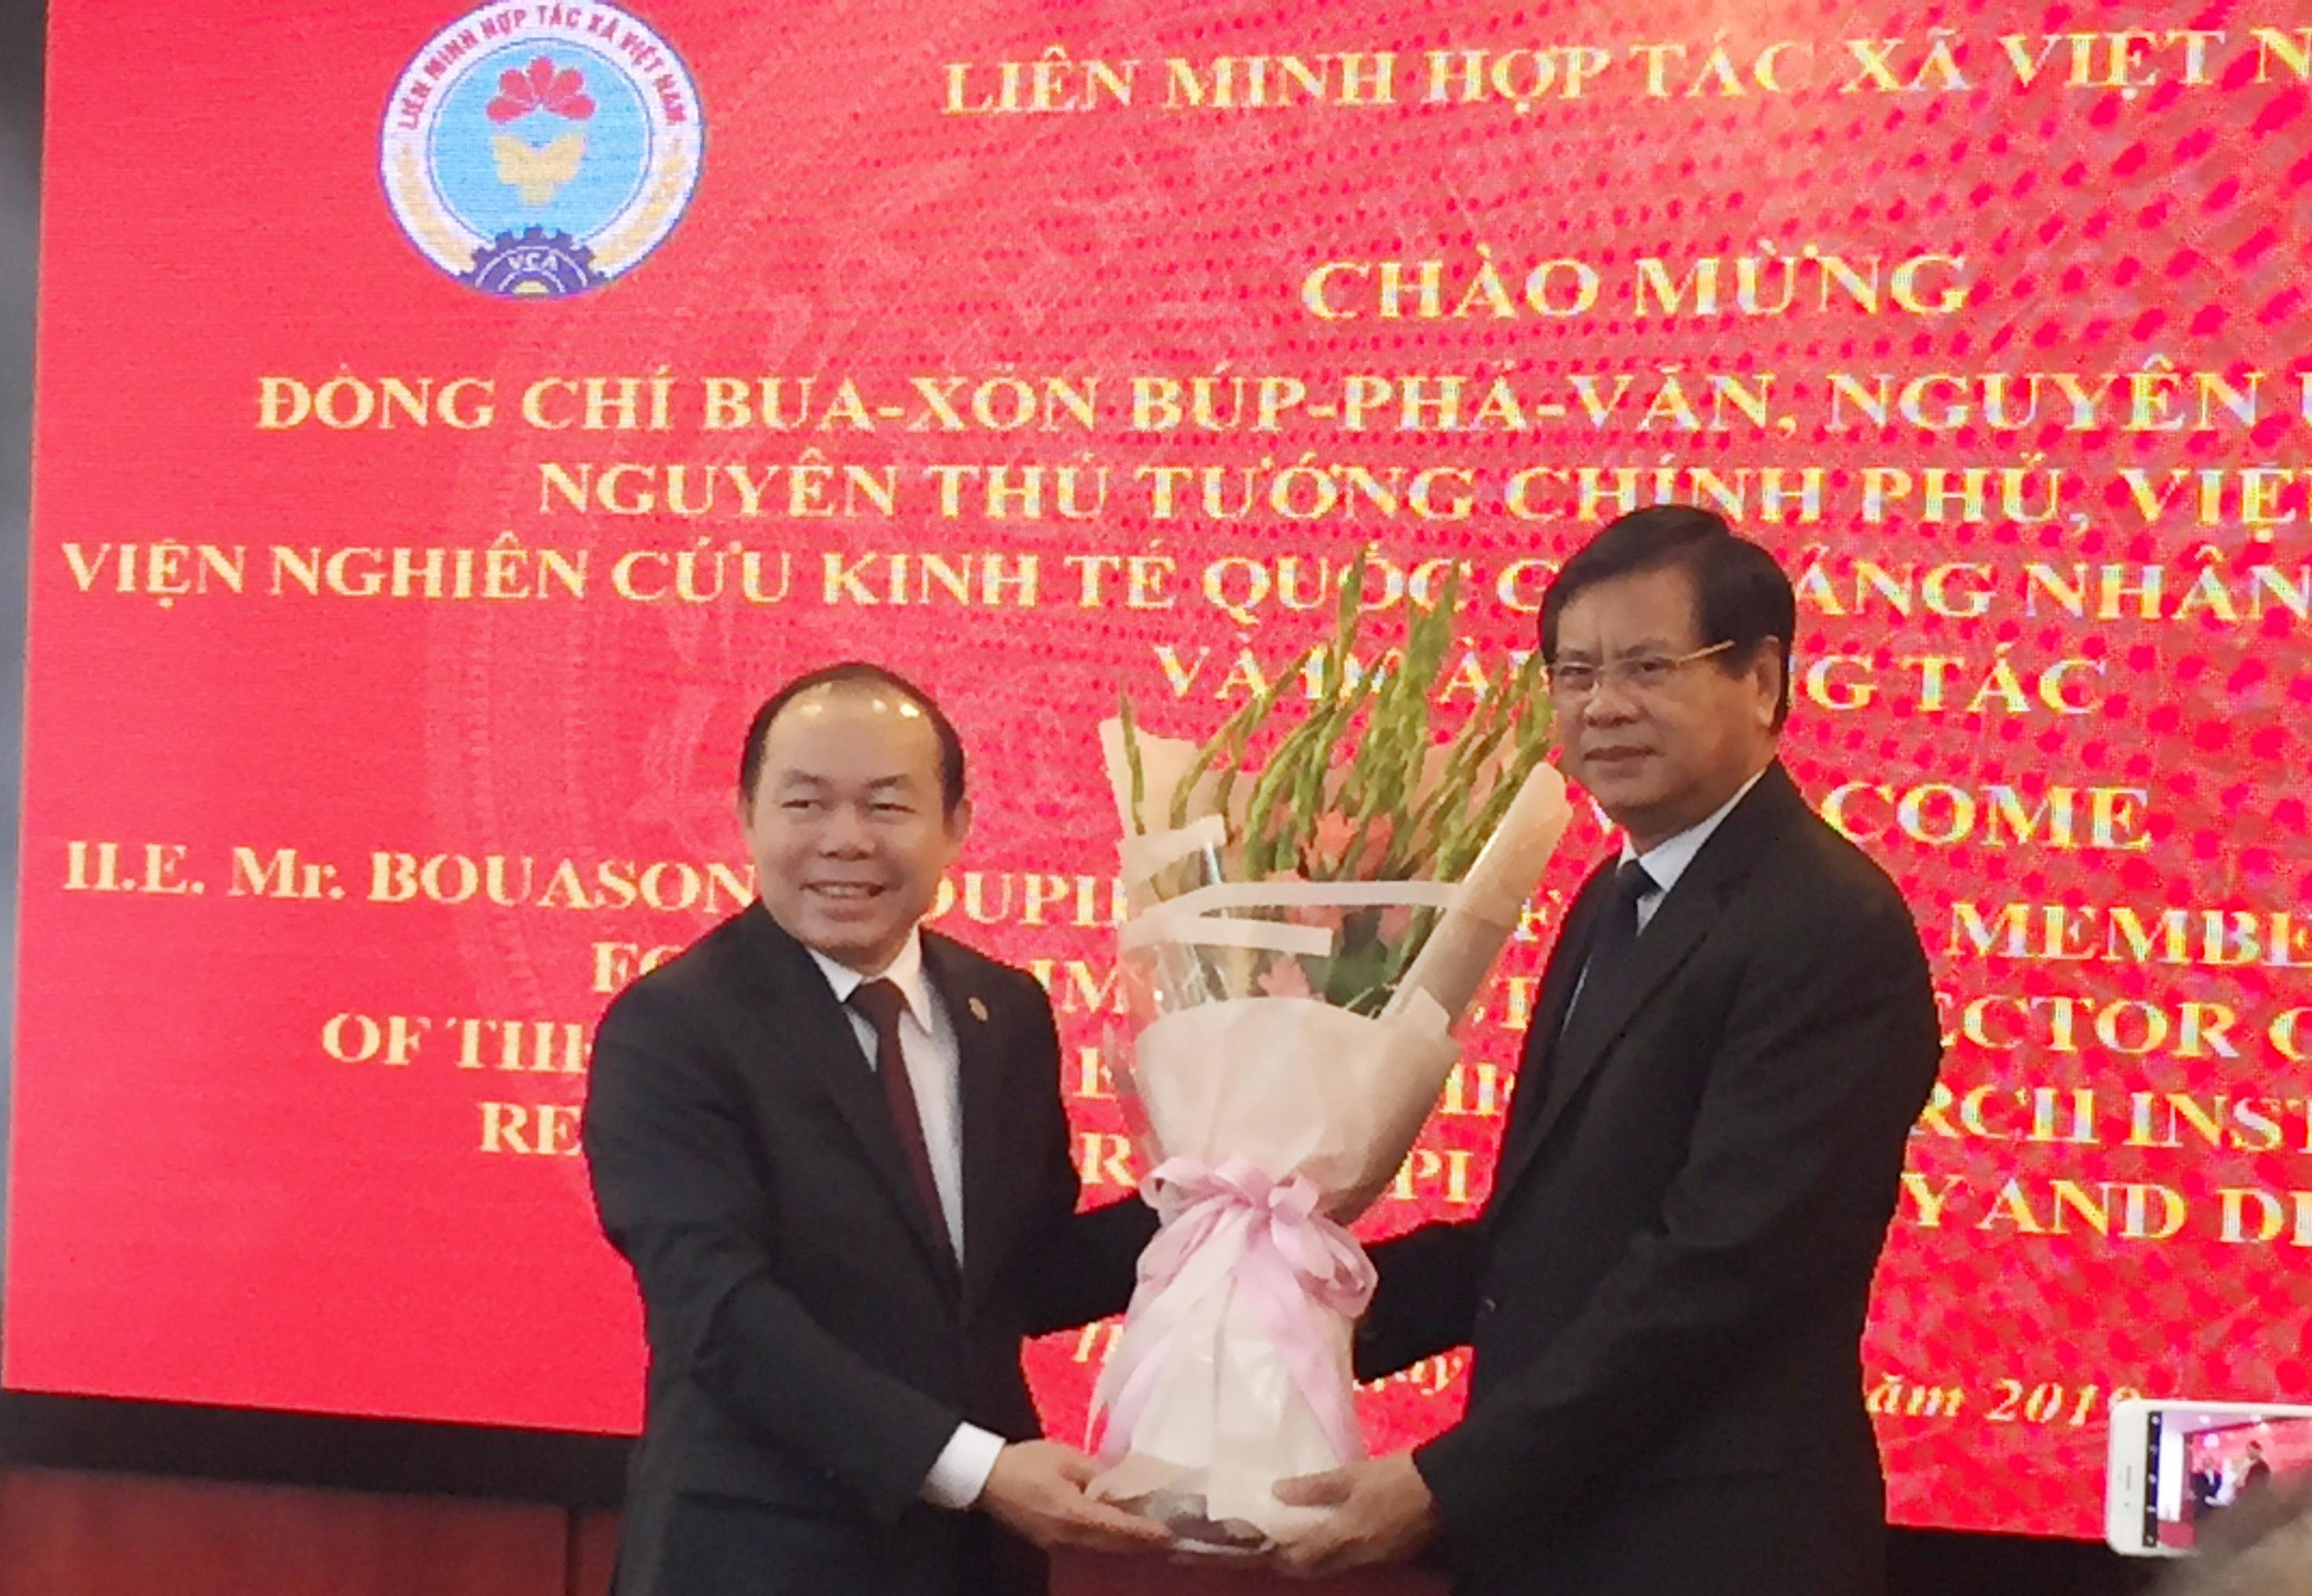 Việt Nam chia sẻ kinh nghiệm phát triển kinh tế hợp tác với Lào